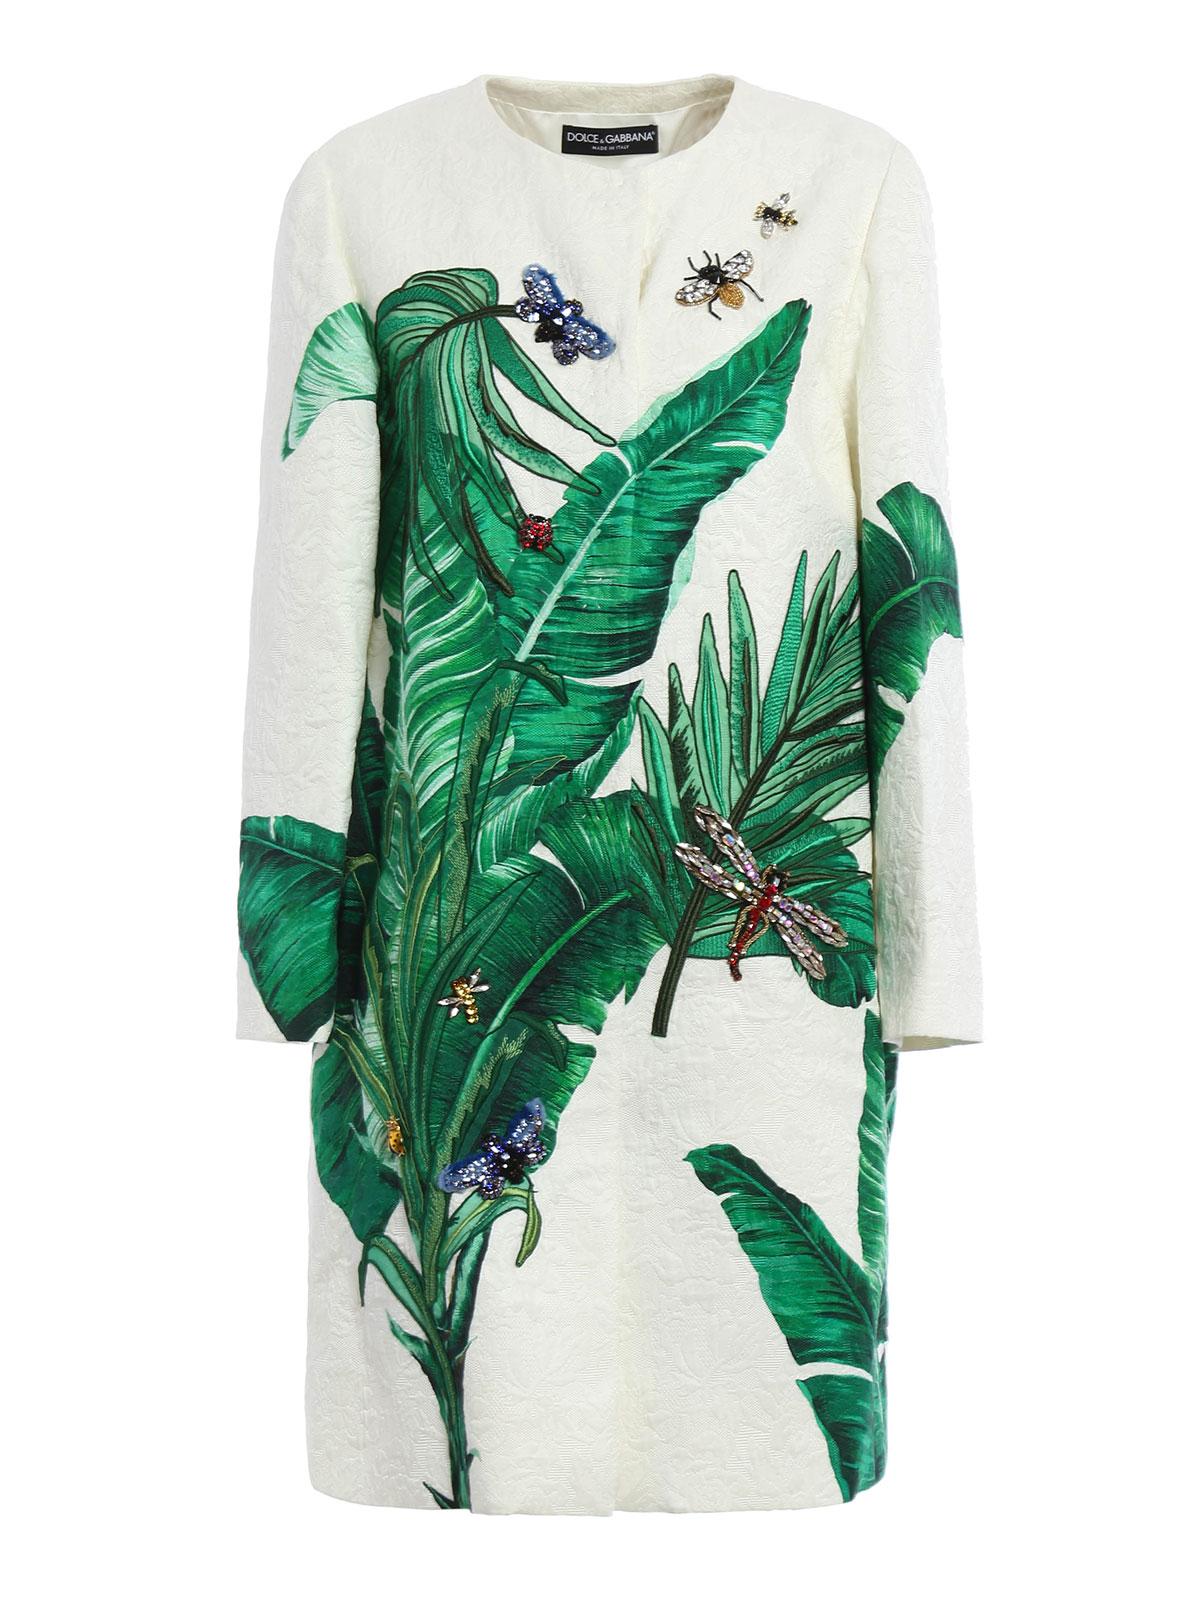 687309602abf07 Dolce   Gabbana - Manteau Court Teint Pour Femme - Manteaux courts ...